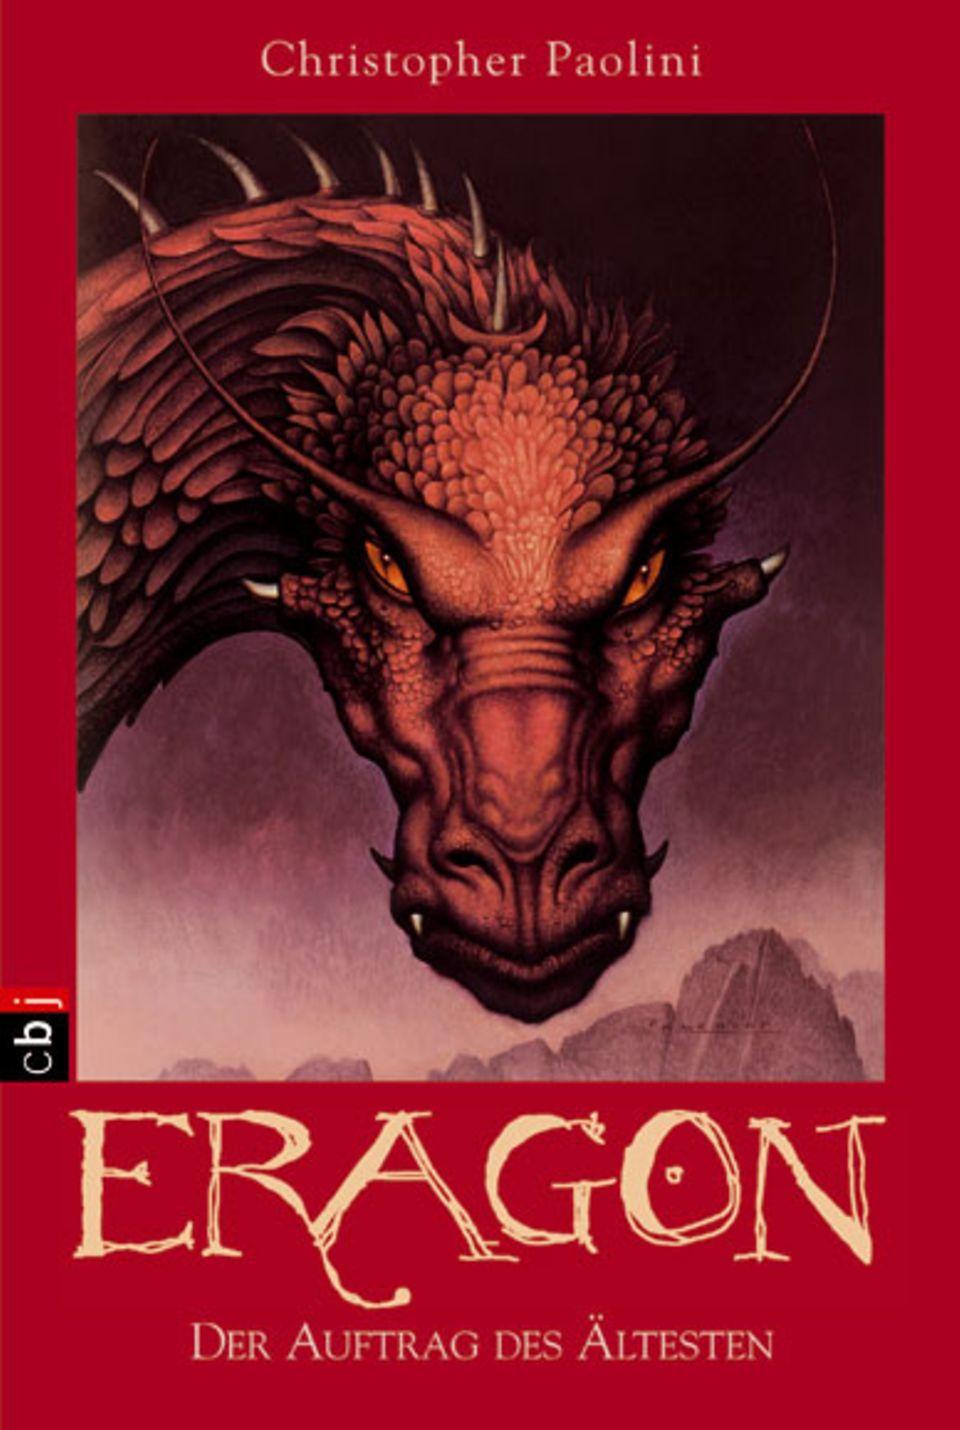 Christopher Paolini: Eragon - Der Auftrag des Ältesten. cbj, 800 Seiten, 19,90 Euro.